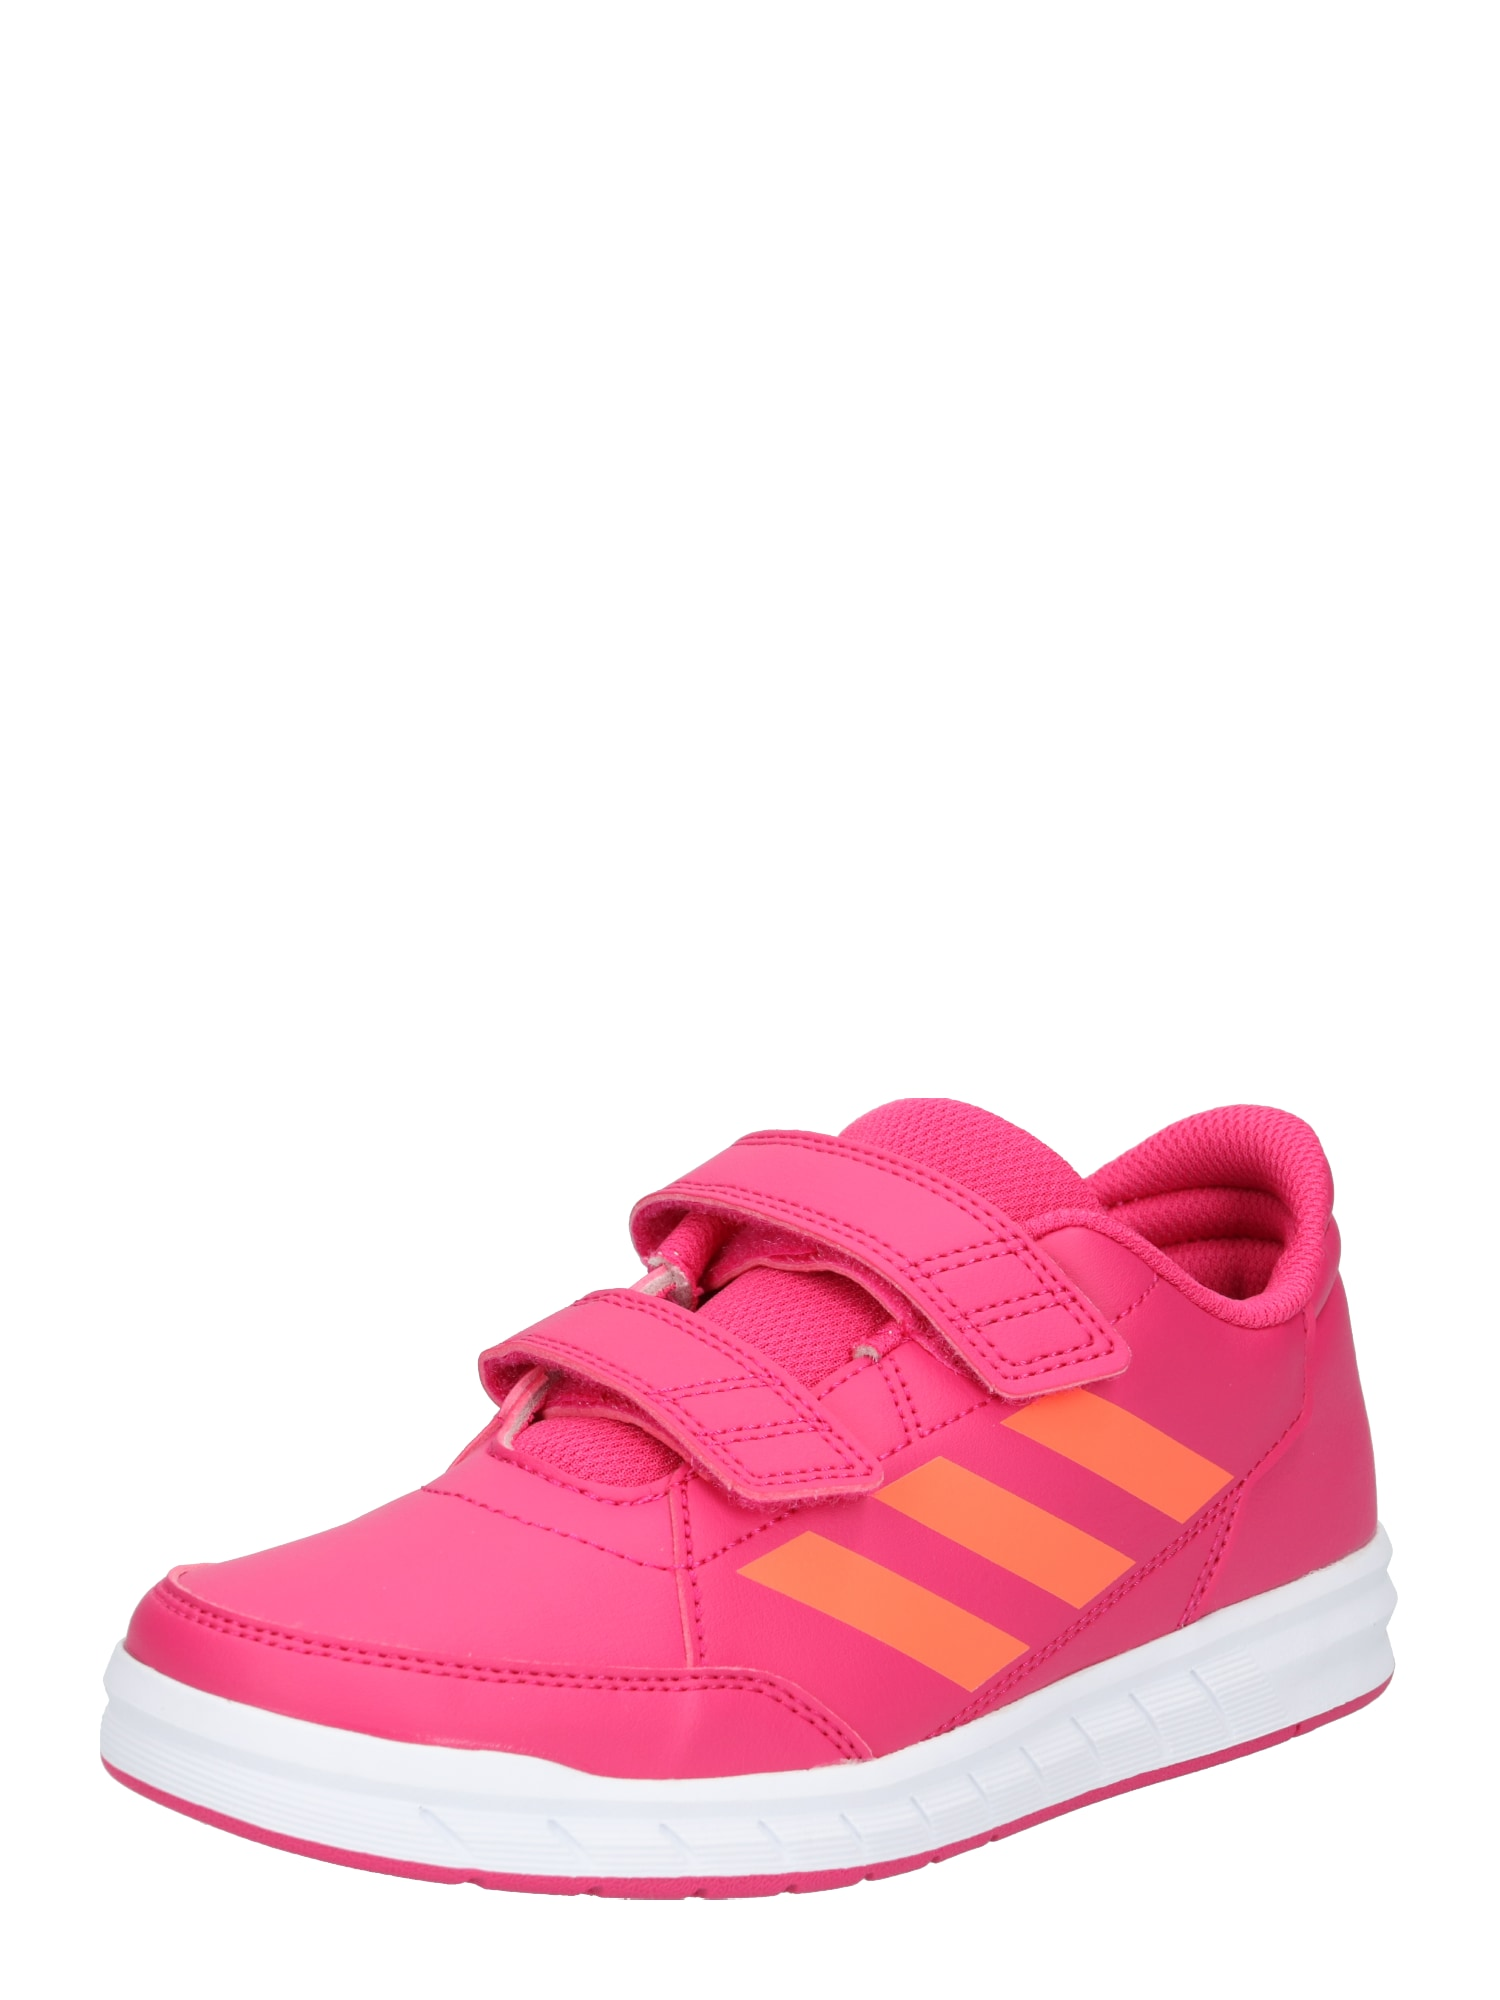 Sportovní boty AltaSport tmavě oranžová svítivě růžová ADIDAS PERFORMANCE